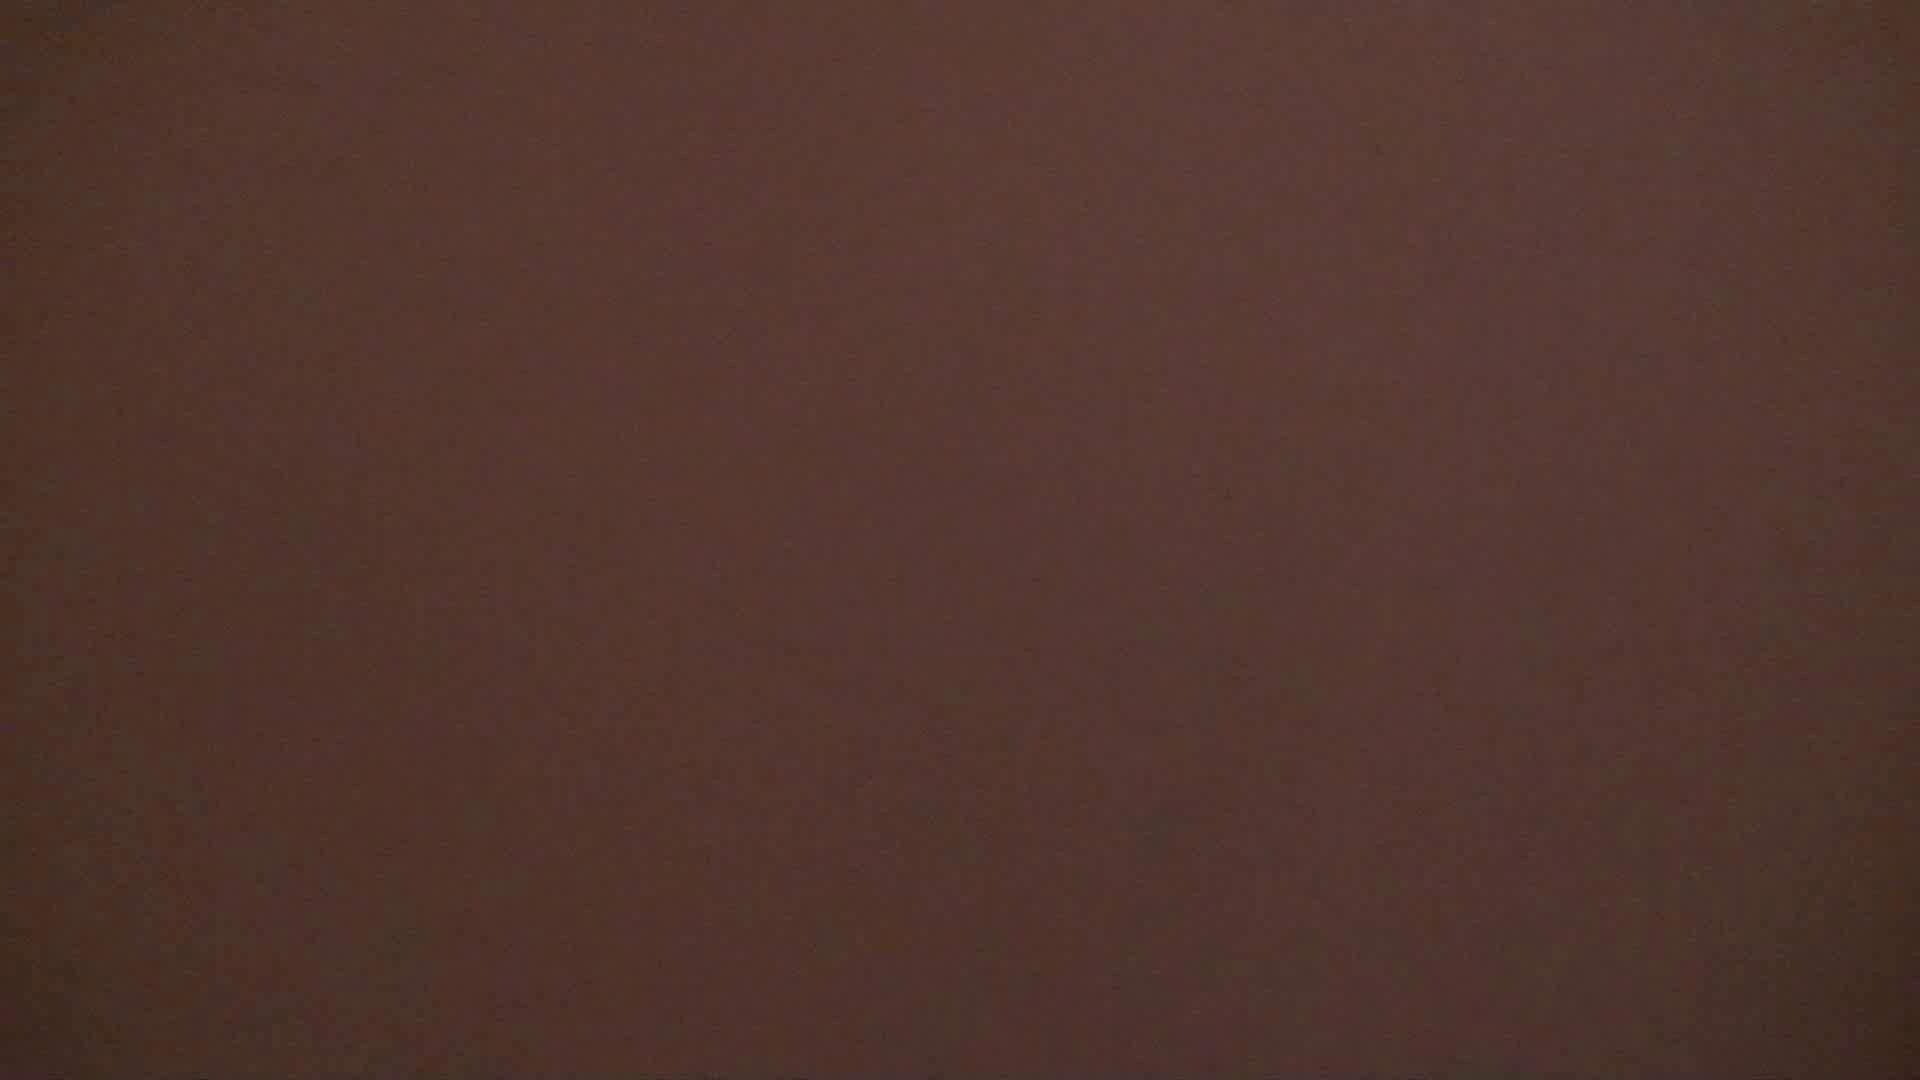 洗面所内潜入!同級生が同級生を盗撮! vol.01 洗面所 盗撮動画紹介 92PIX 86